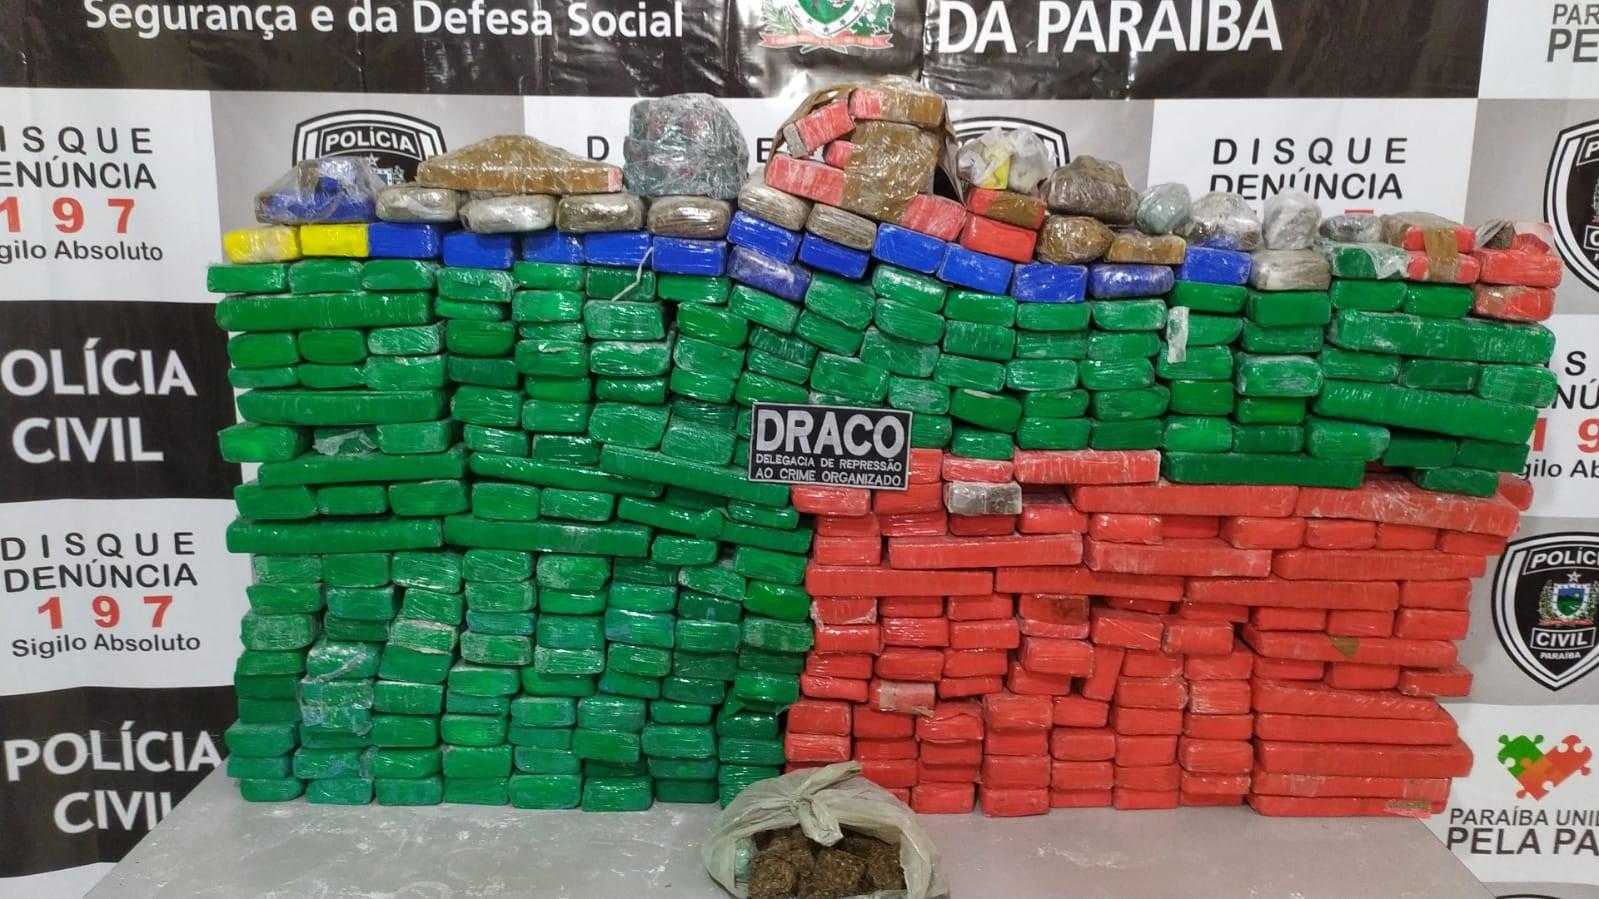 Cerca de 350 kg de maconha escondidas em sítio são apreendidas pela polícia, na PB